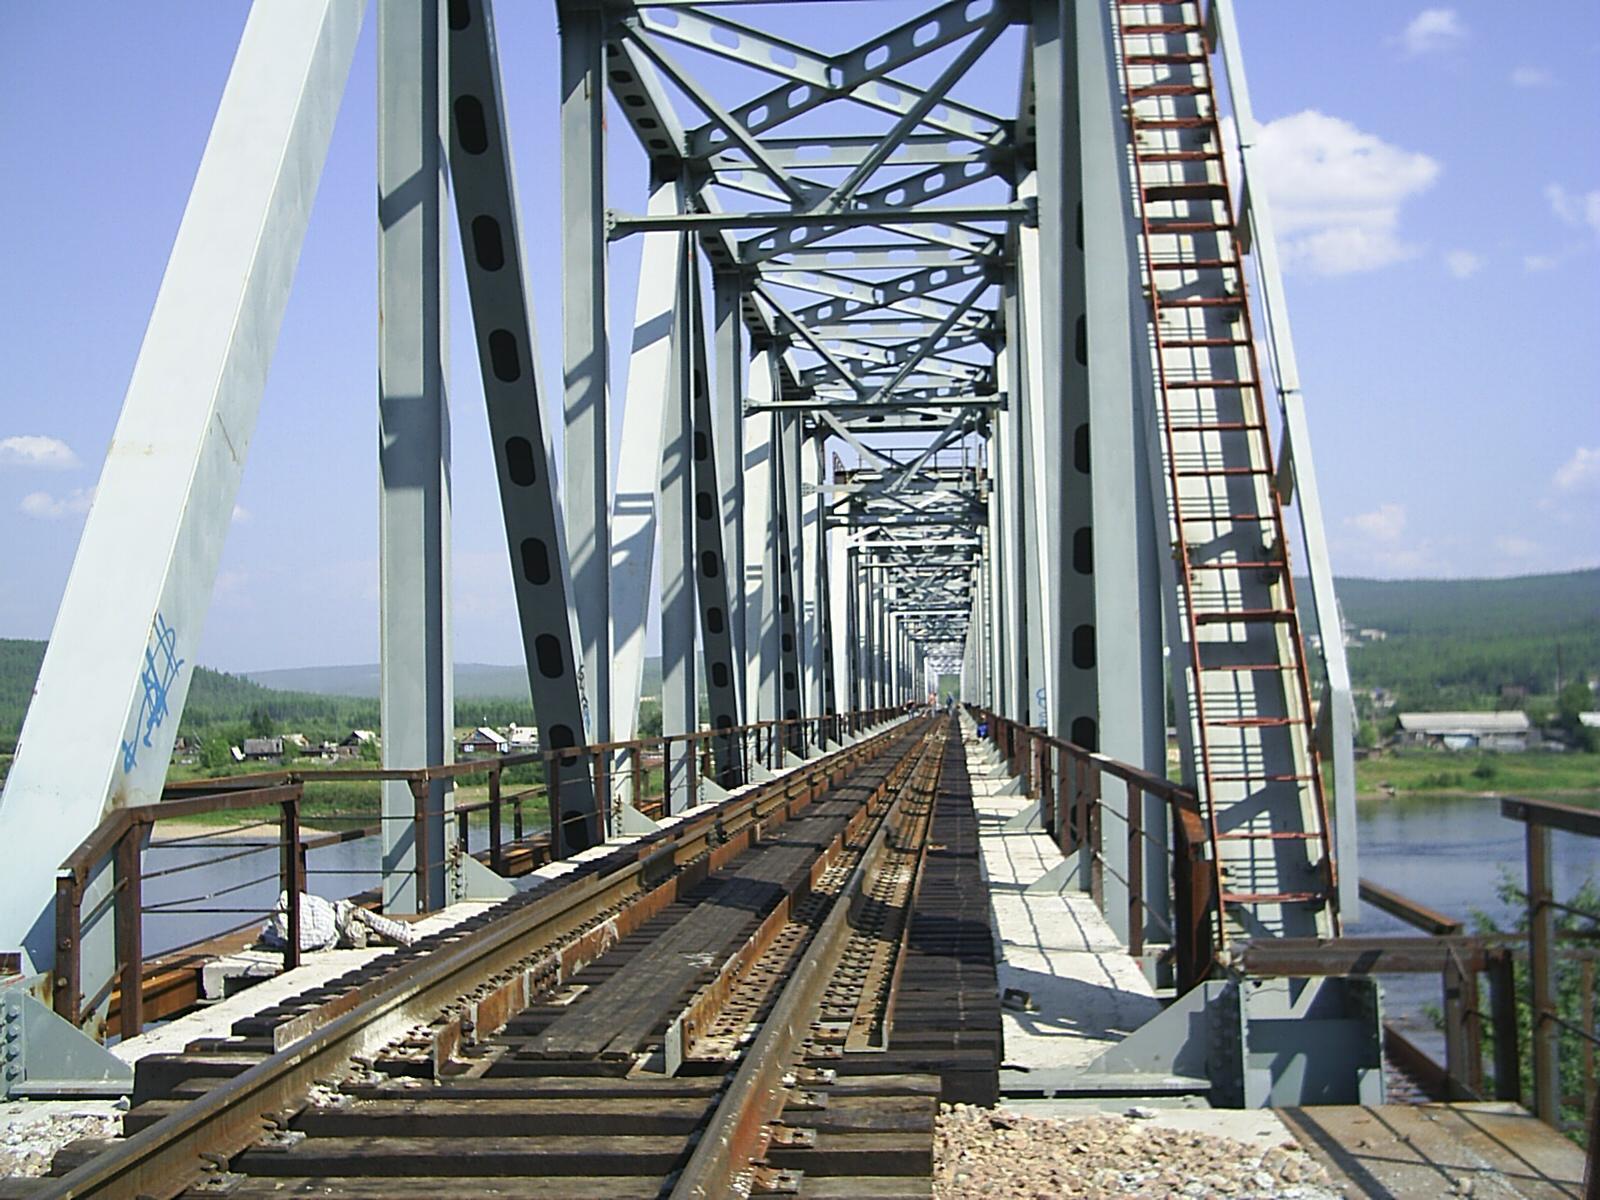 Избрана компания-подрядчик для строительства железнодорожного моста Астара (Иран) – Астара (Азербайджан)